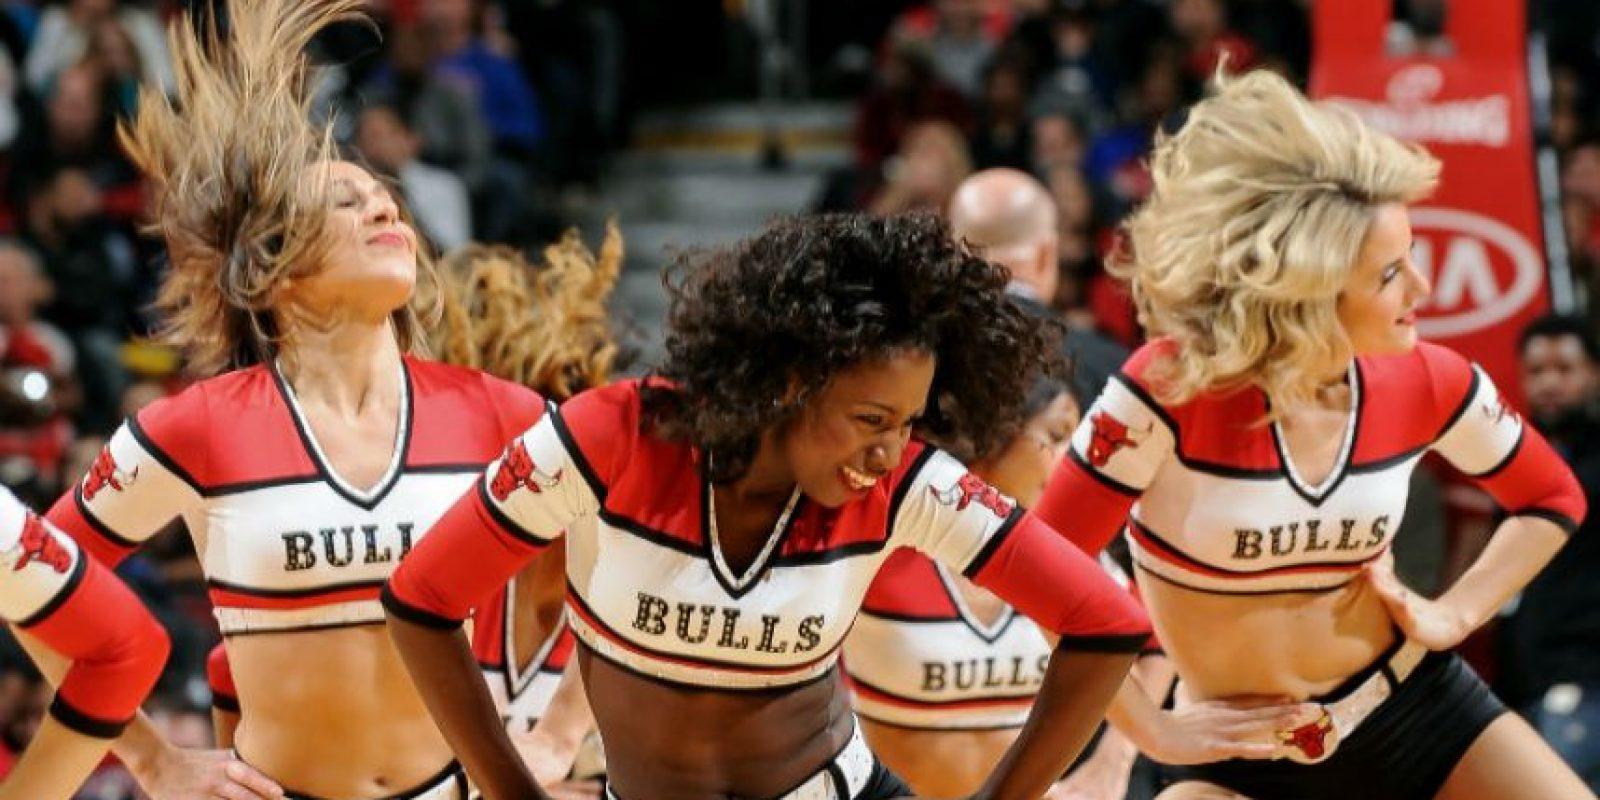 Las chicas del Chicago Bulls, durante el juego contra Boston Celtics. Foto:AFP